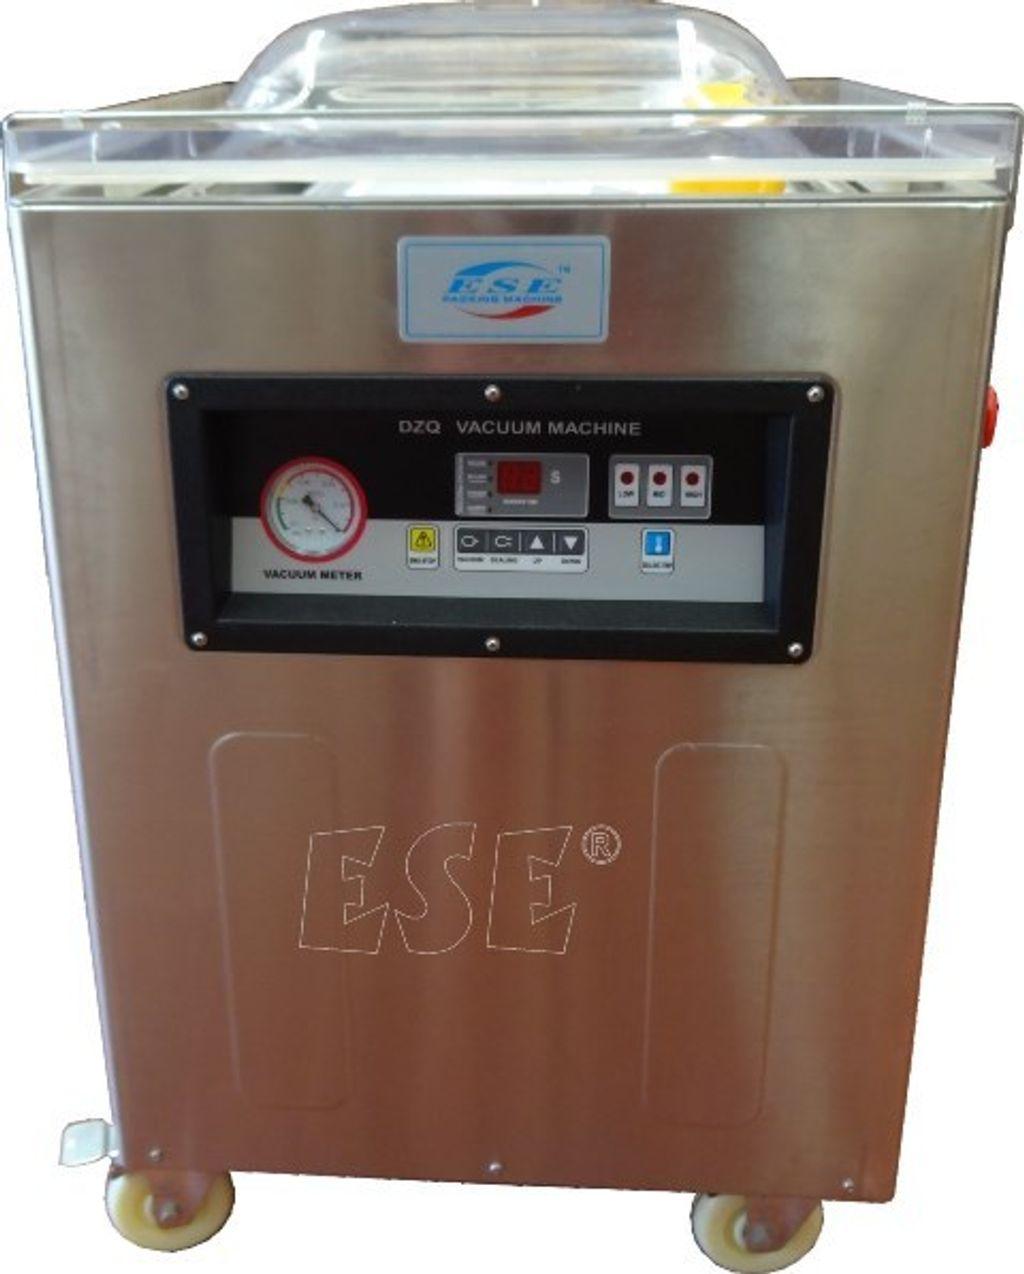 2-Vacuum Sealing DZ500 1S-1PH.jpg